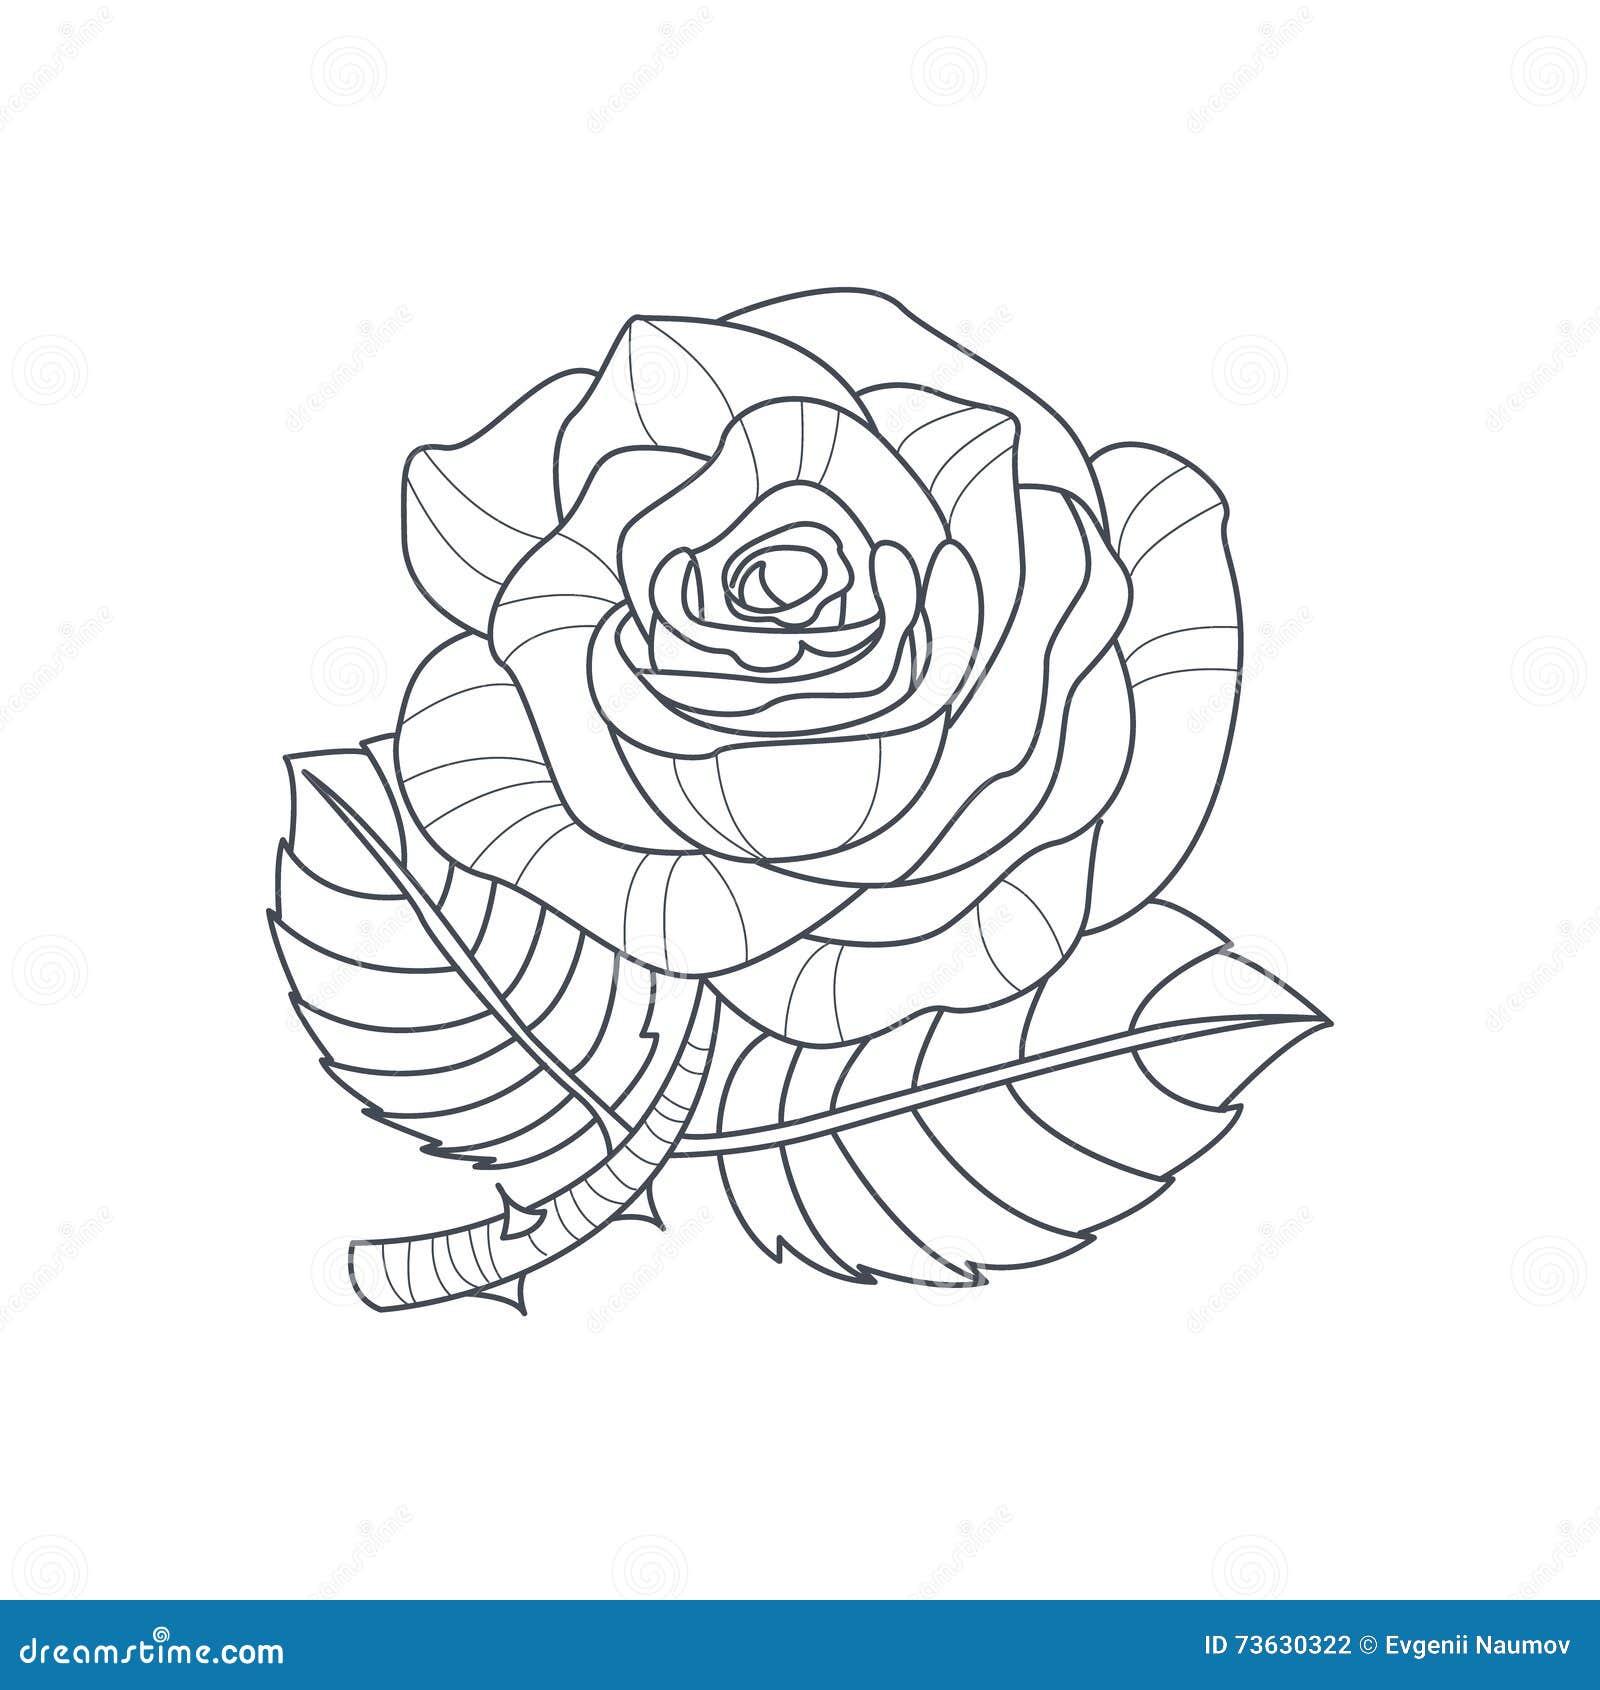 Libro da colorare di rose flower monochrome drawing for for Immagini da colorare di rose